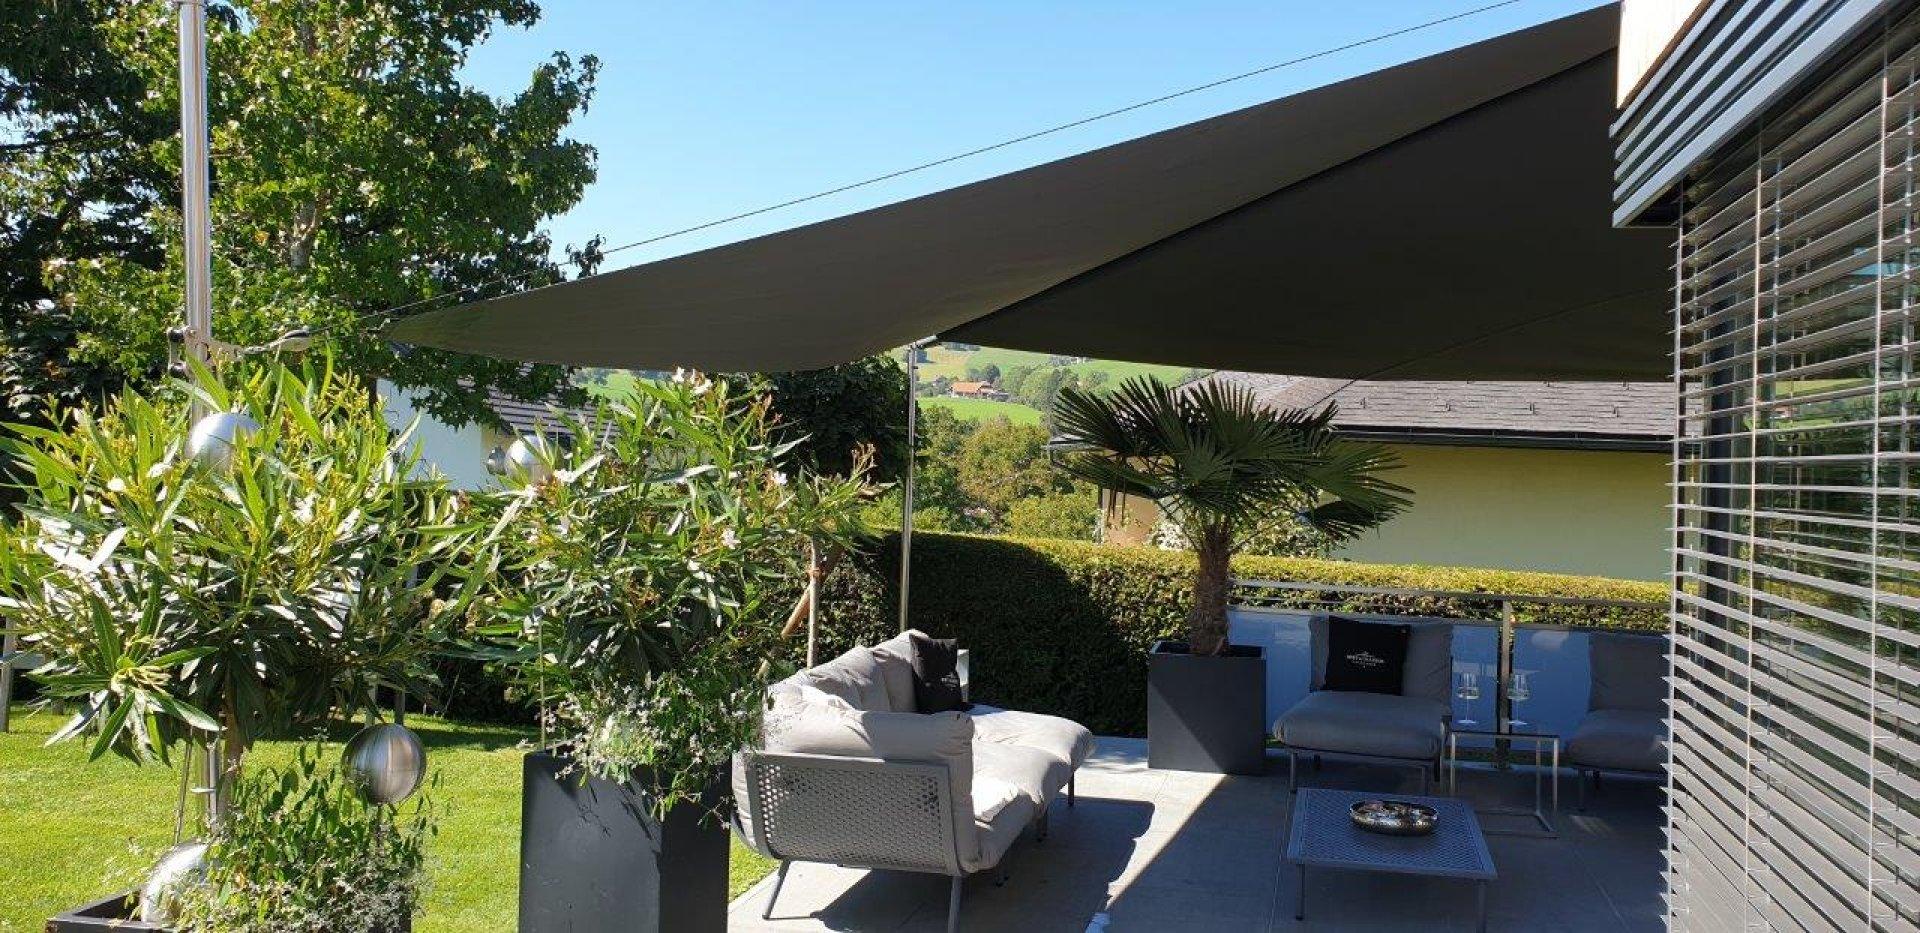 Wand- und Bodenfestigung für SunSquare Dreiecksegel